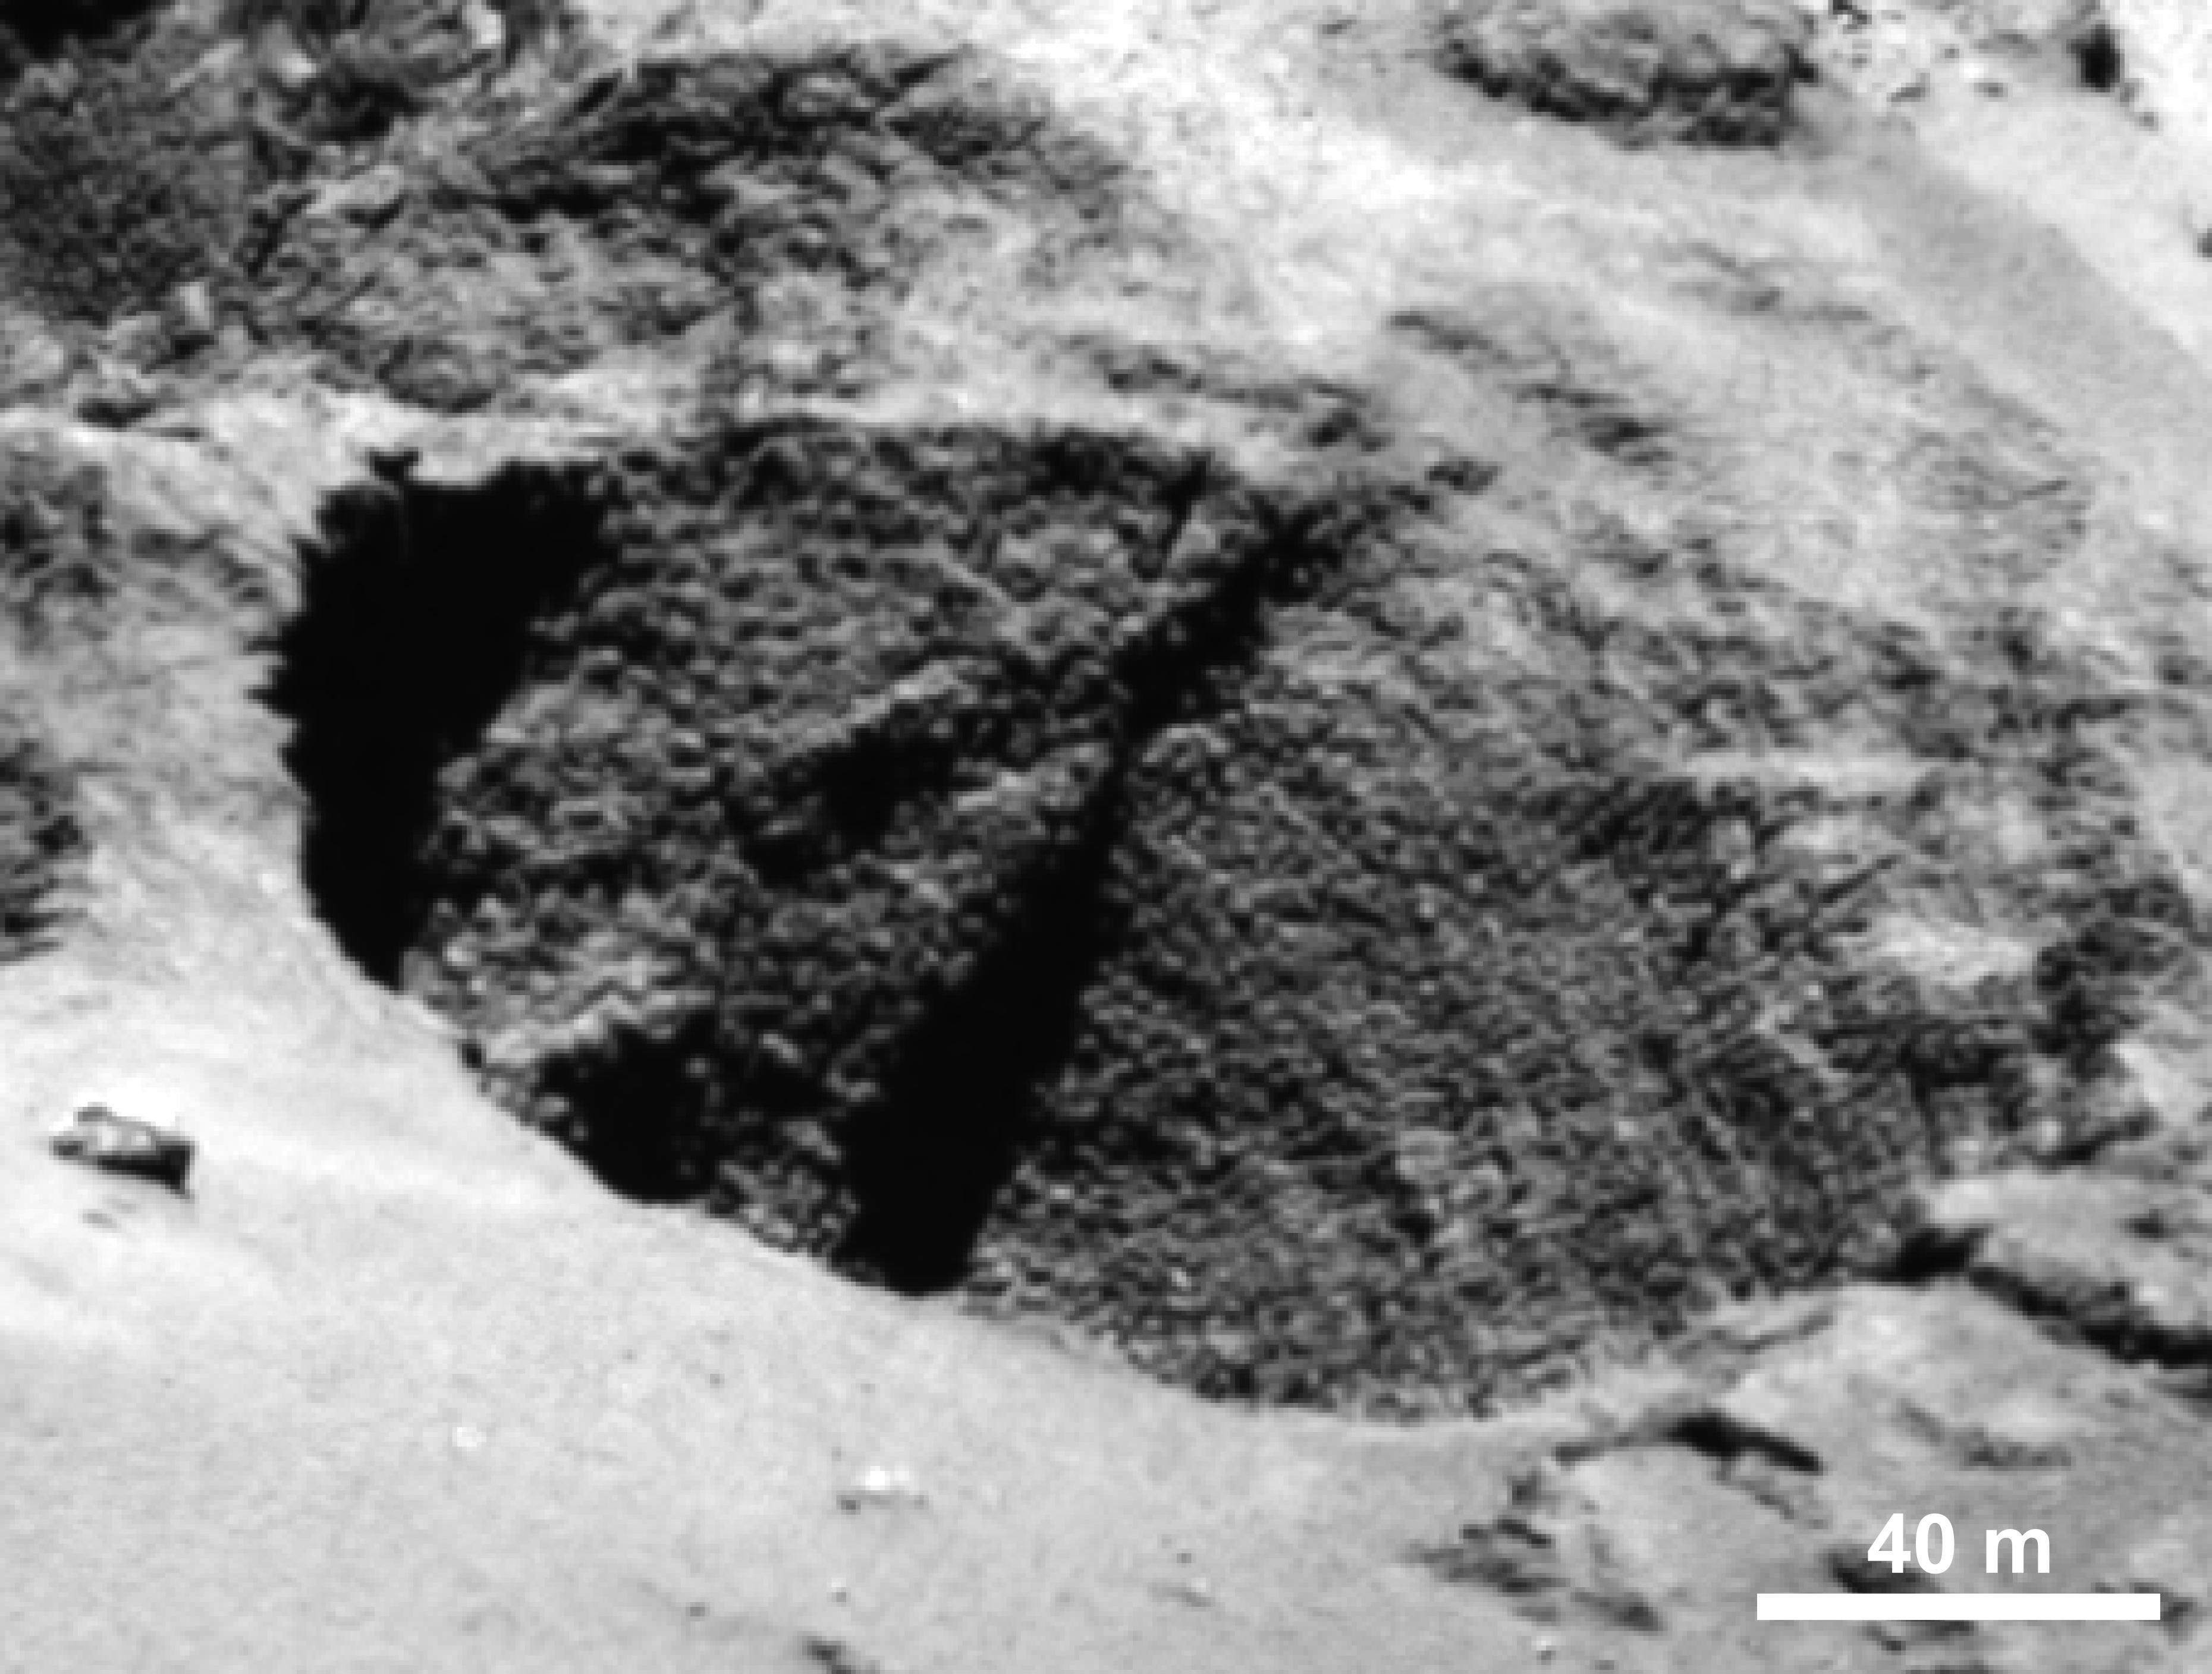 1567215771461-ESA_Rosetta_67P_OSIRIS_NAC_goosebumps_a.jpg